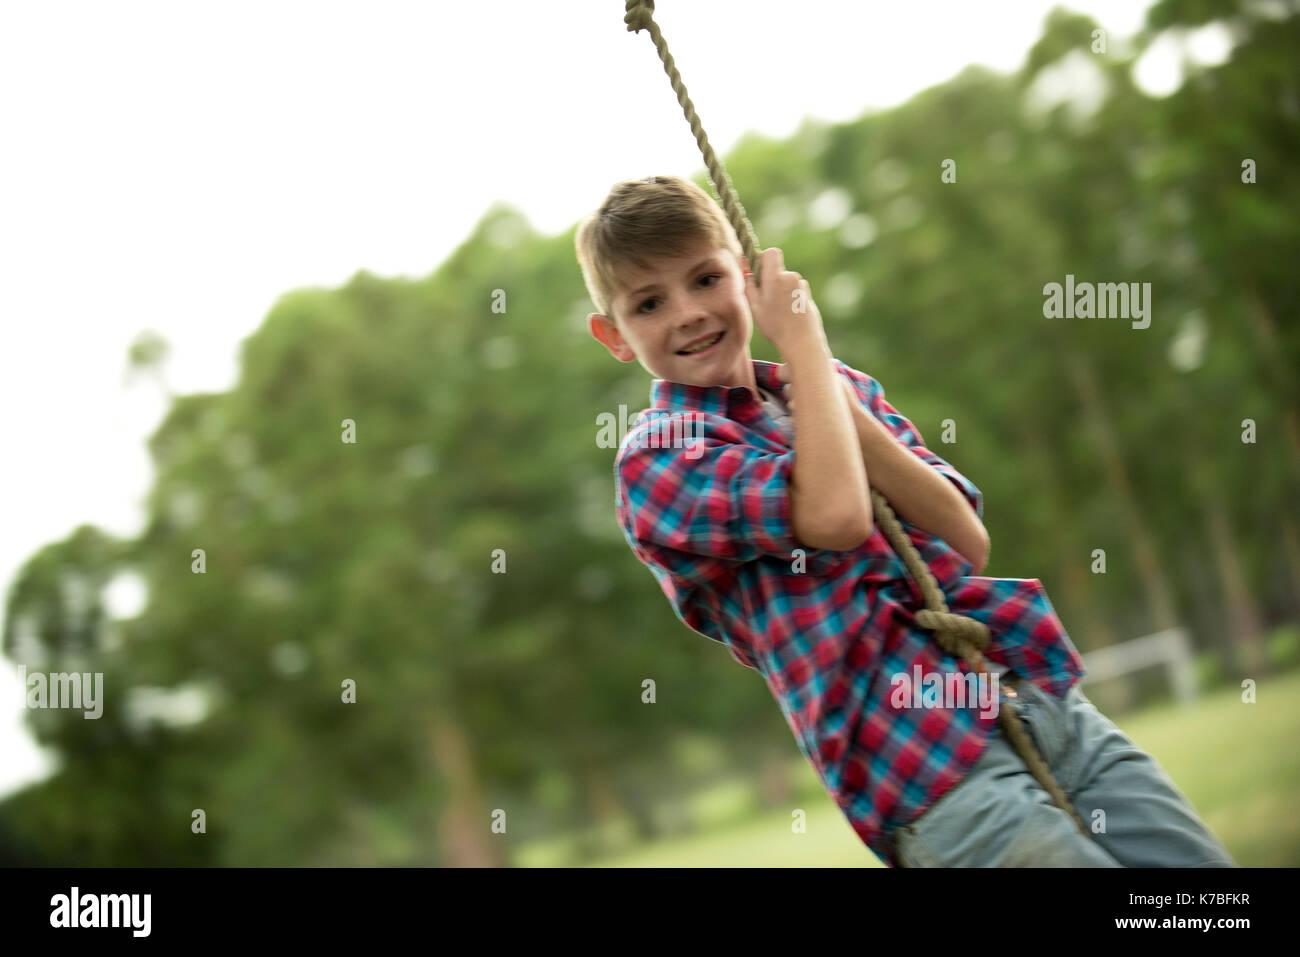 Boy swinging on rope - Stock Image